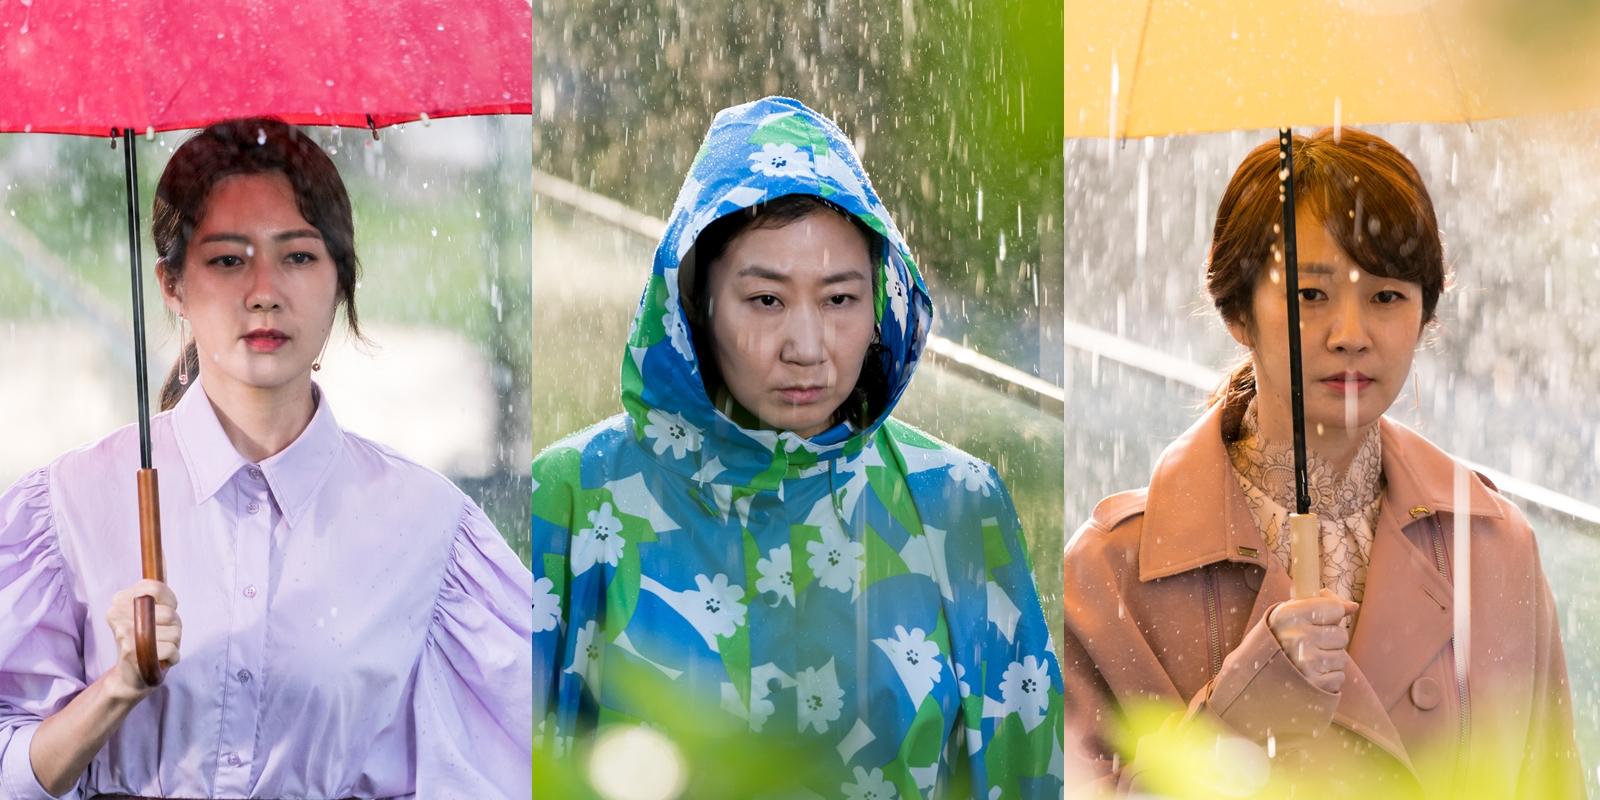 <부암동 복수자들> 첫 방송 D-1, '복자클럽' 워맨스 열풍 잇는다!